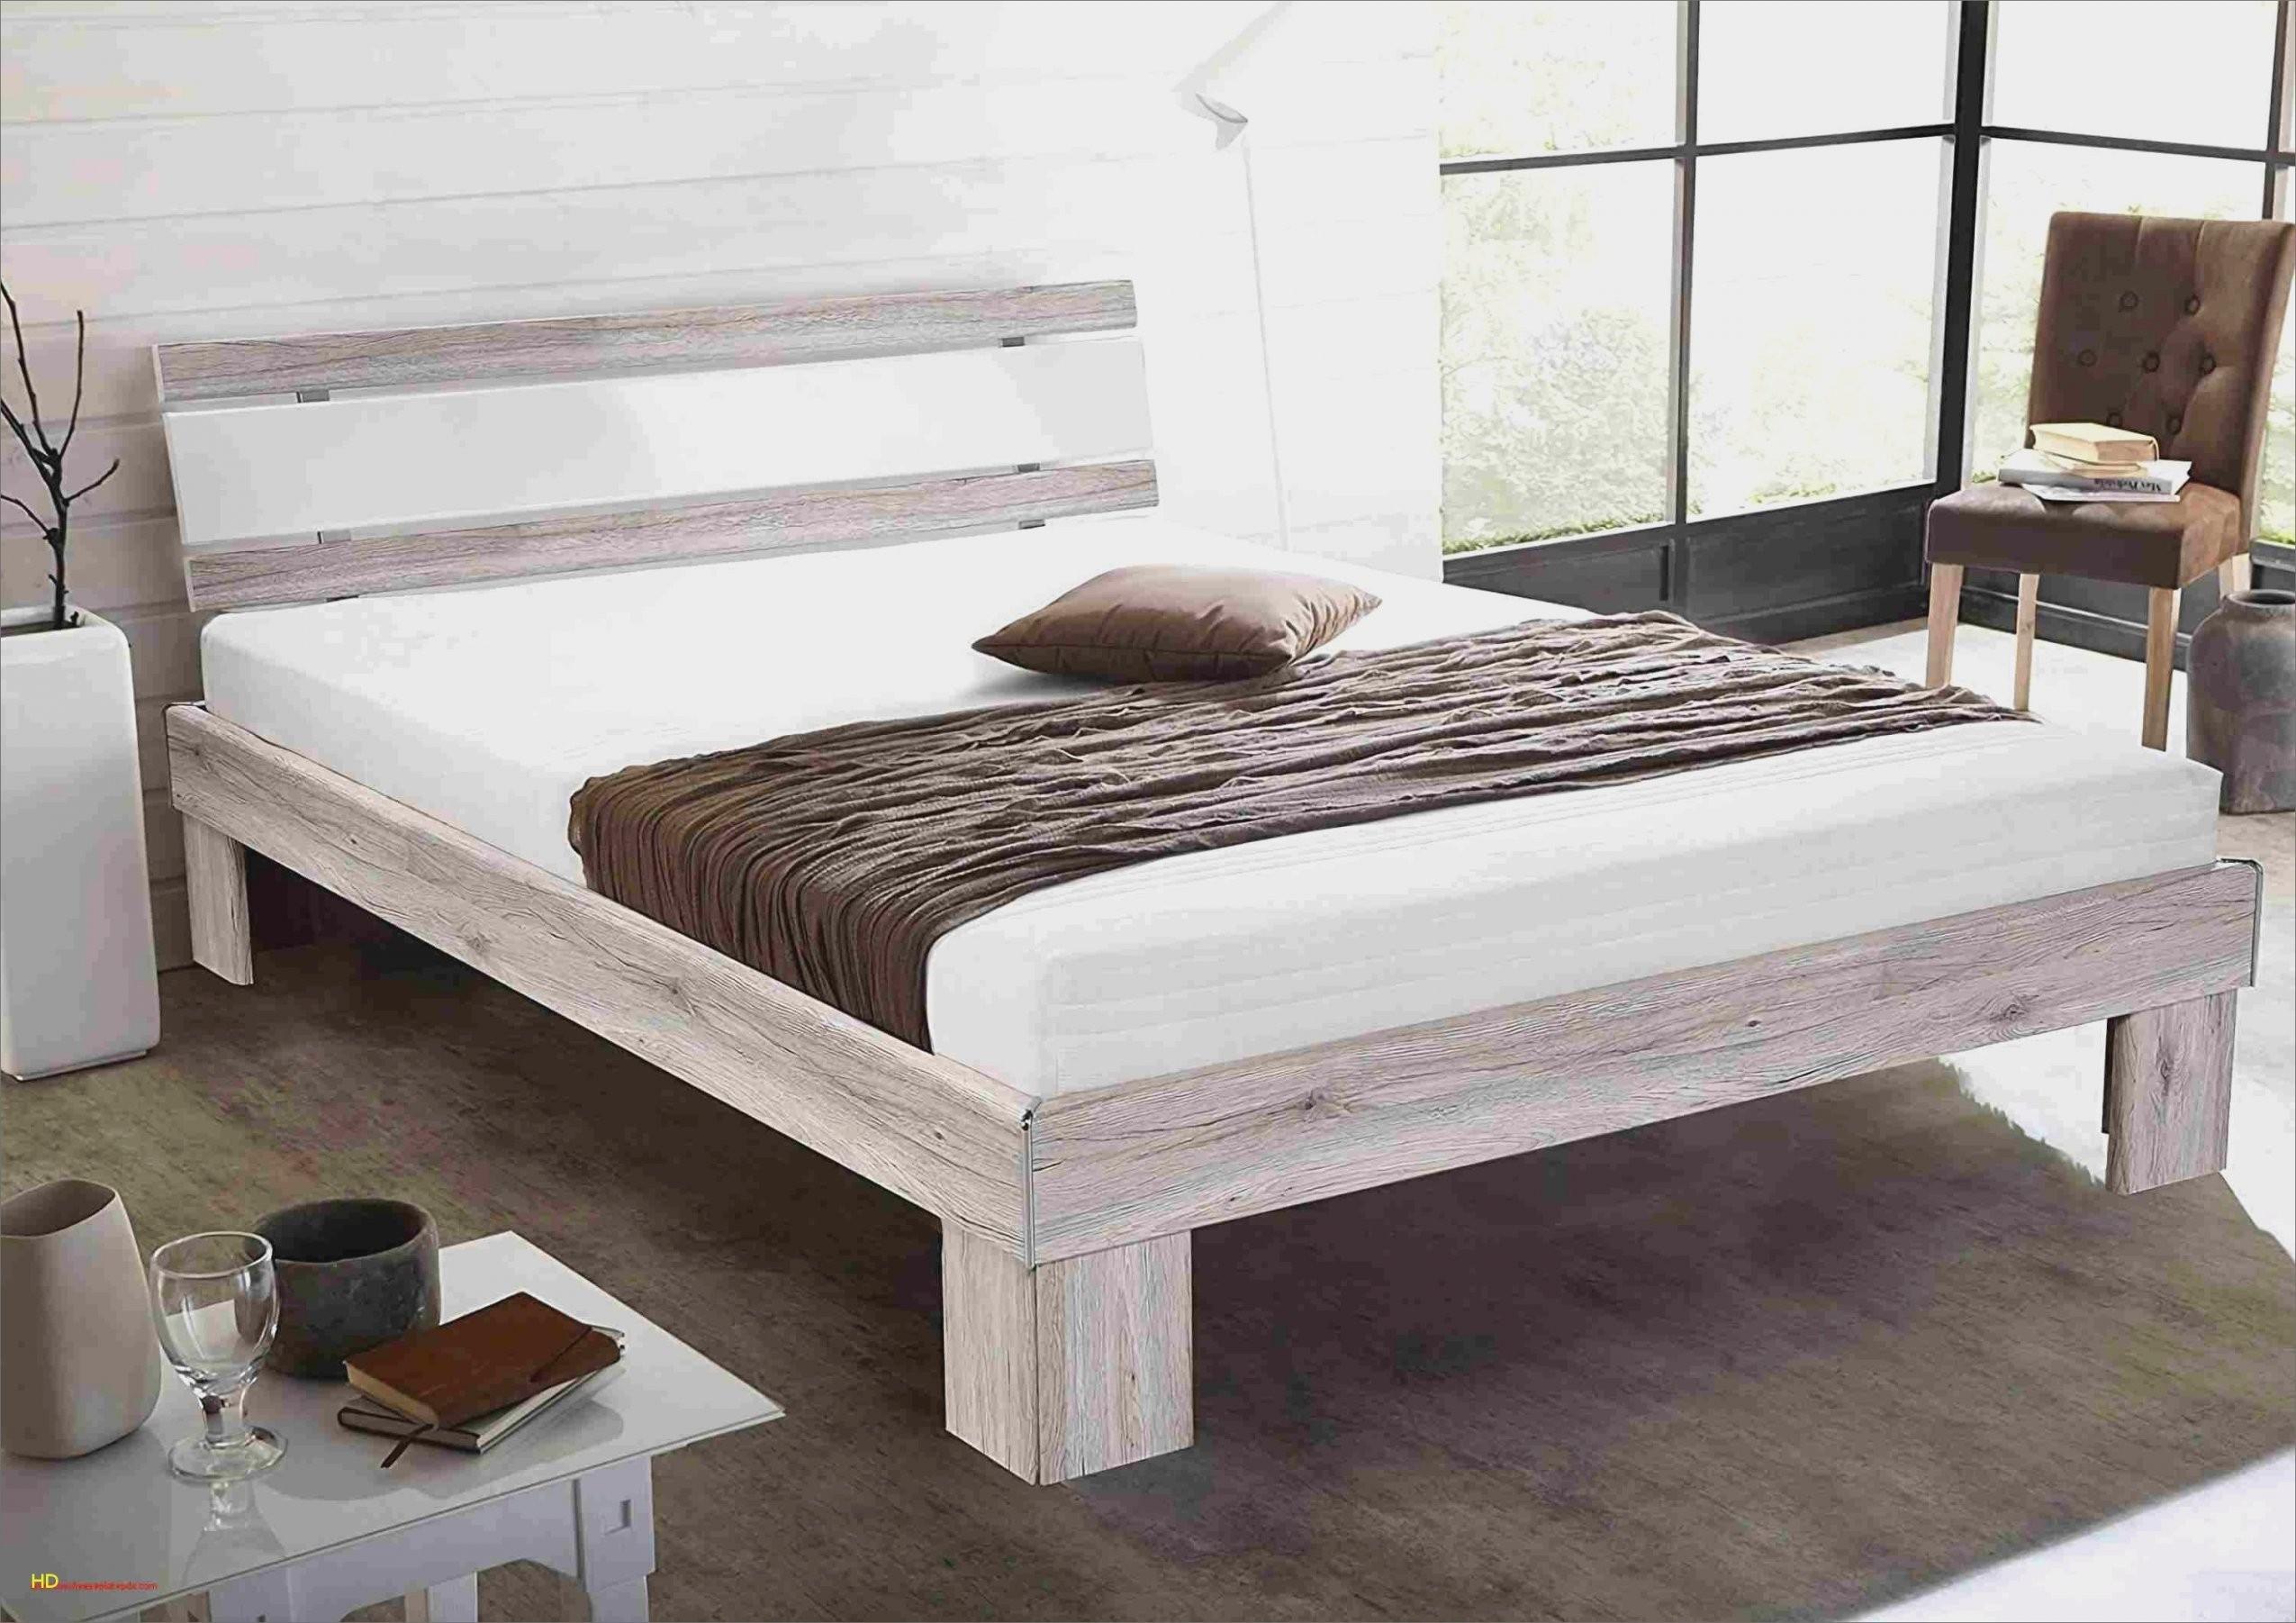 Komfort Bett 160X200 Günstig  Tbpmindset von Bett 160X200 Günstig Bild